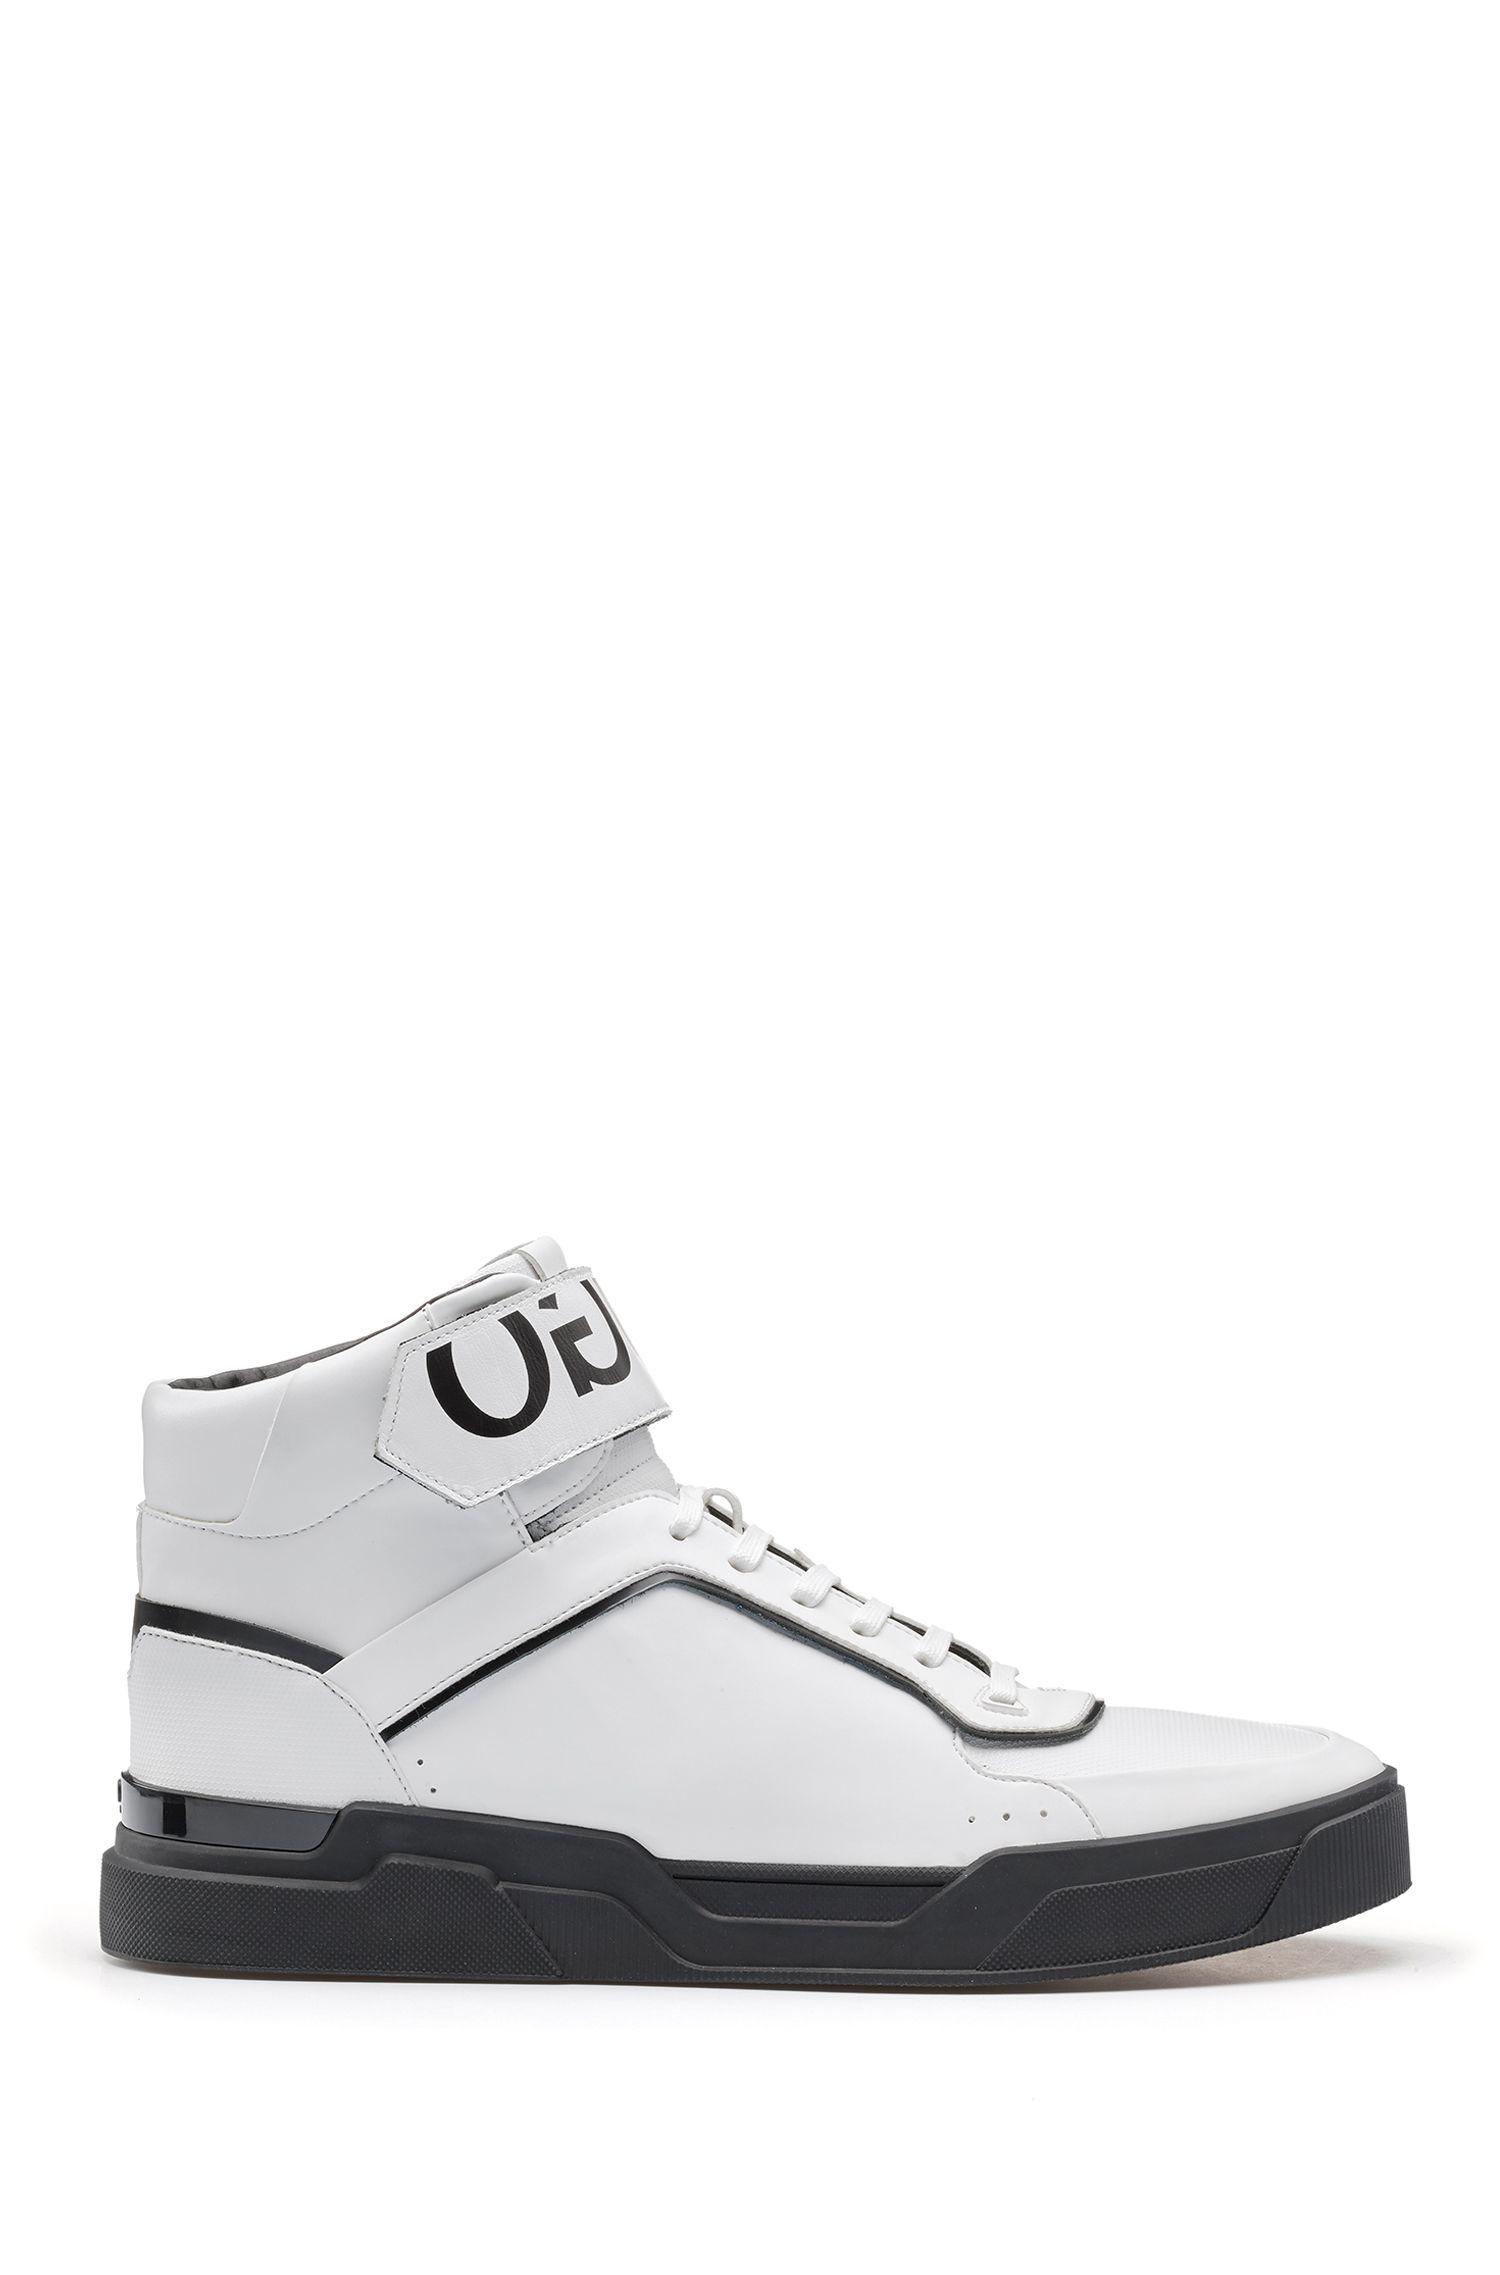 Hightop Sneakers aus Nappaleder und Material-Mix mit spiegelverkehrtem Logo